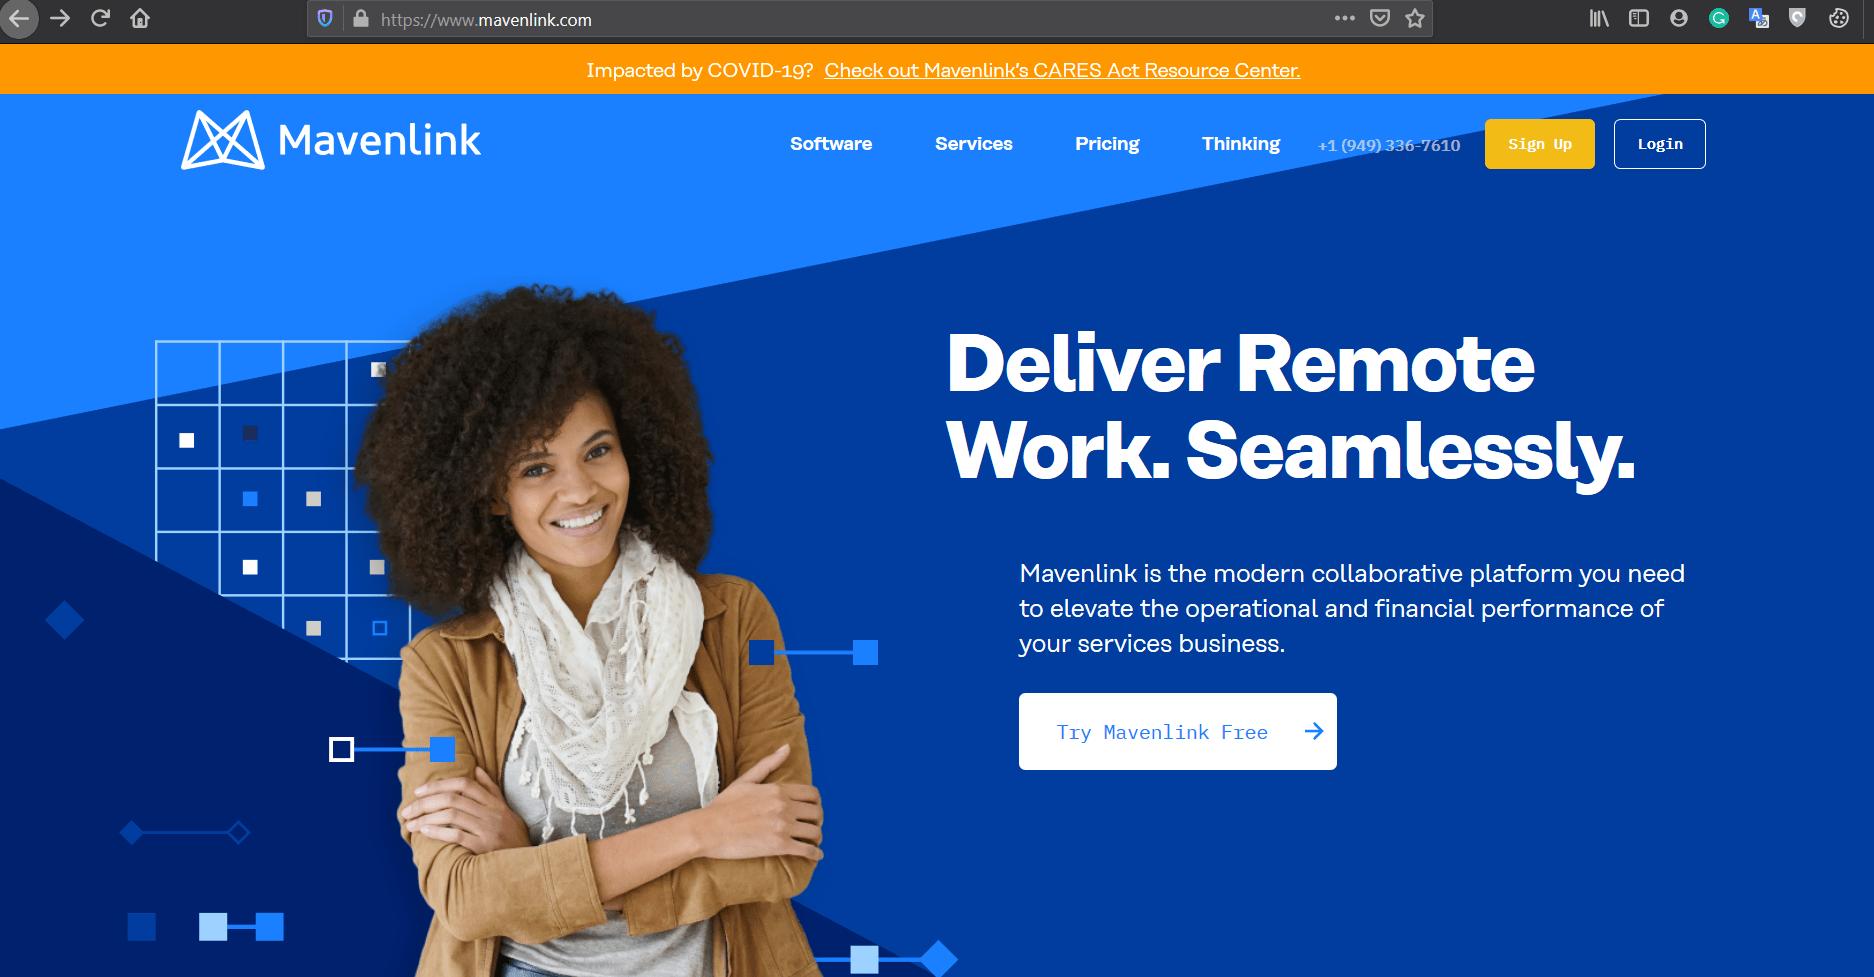 Mavelink homepage